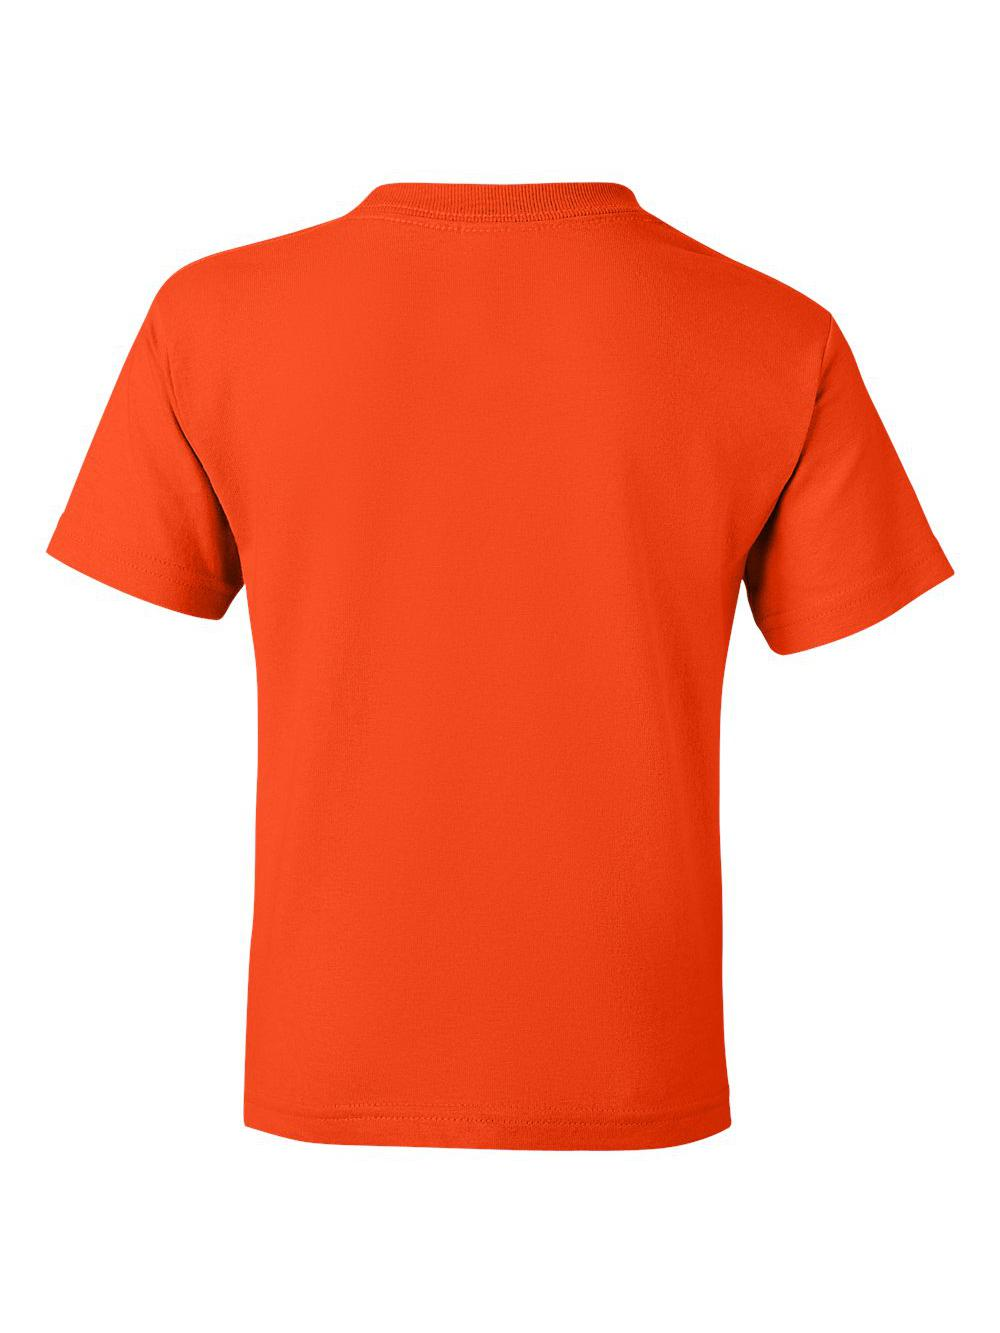 Gildan-DryBlend-Youth-50-50-T-Shirt-8000B thumbnail 70